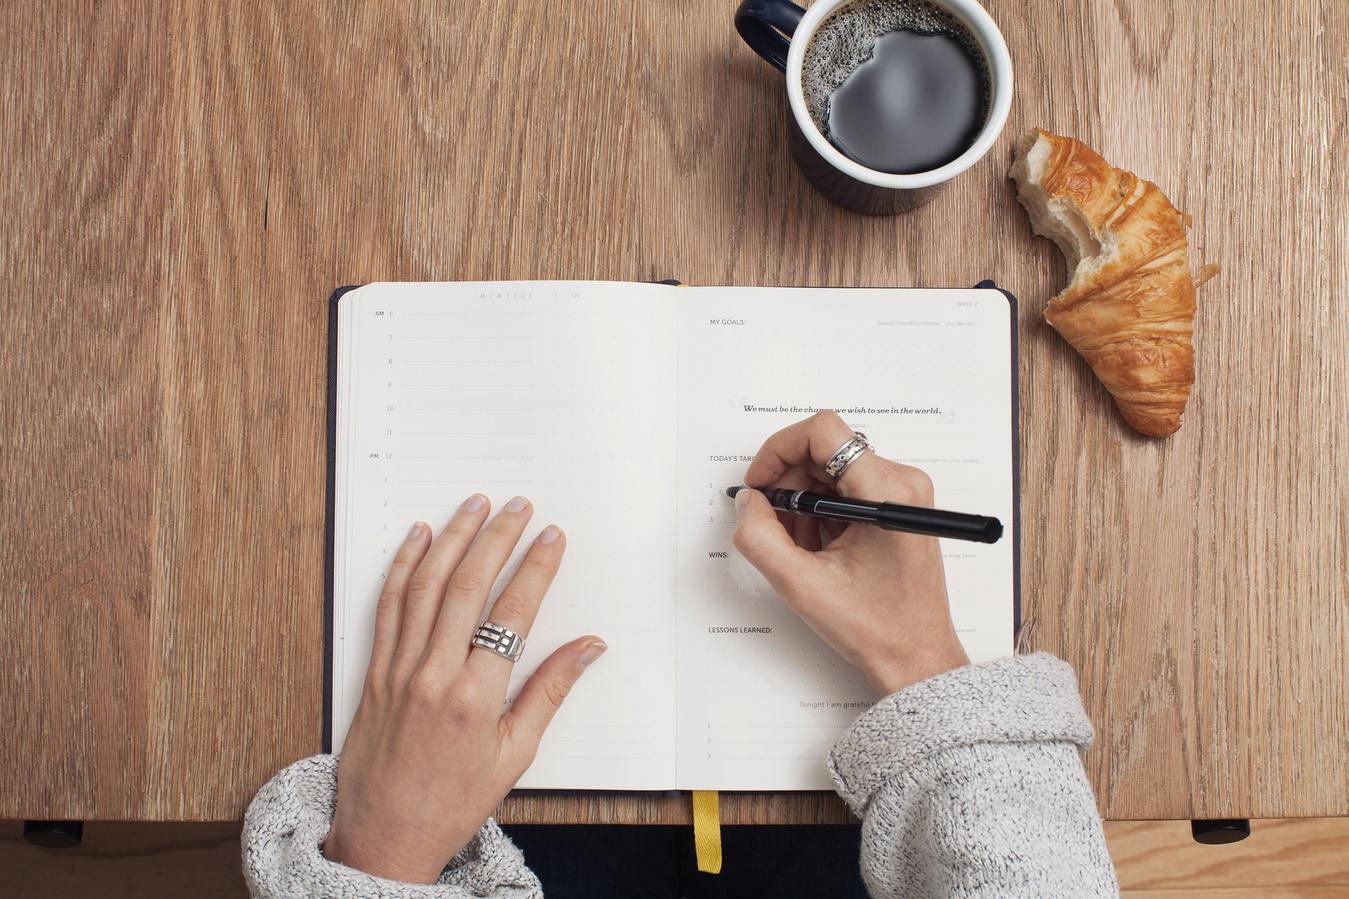 Persoon die in een dagboek schrijft met koffie en een gebakje